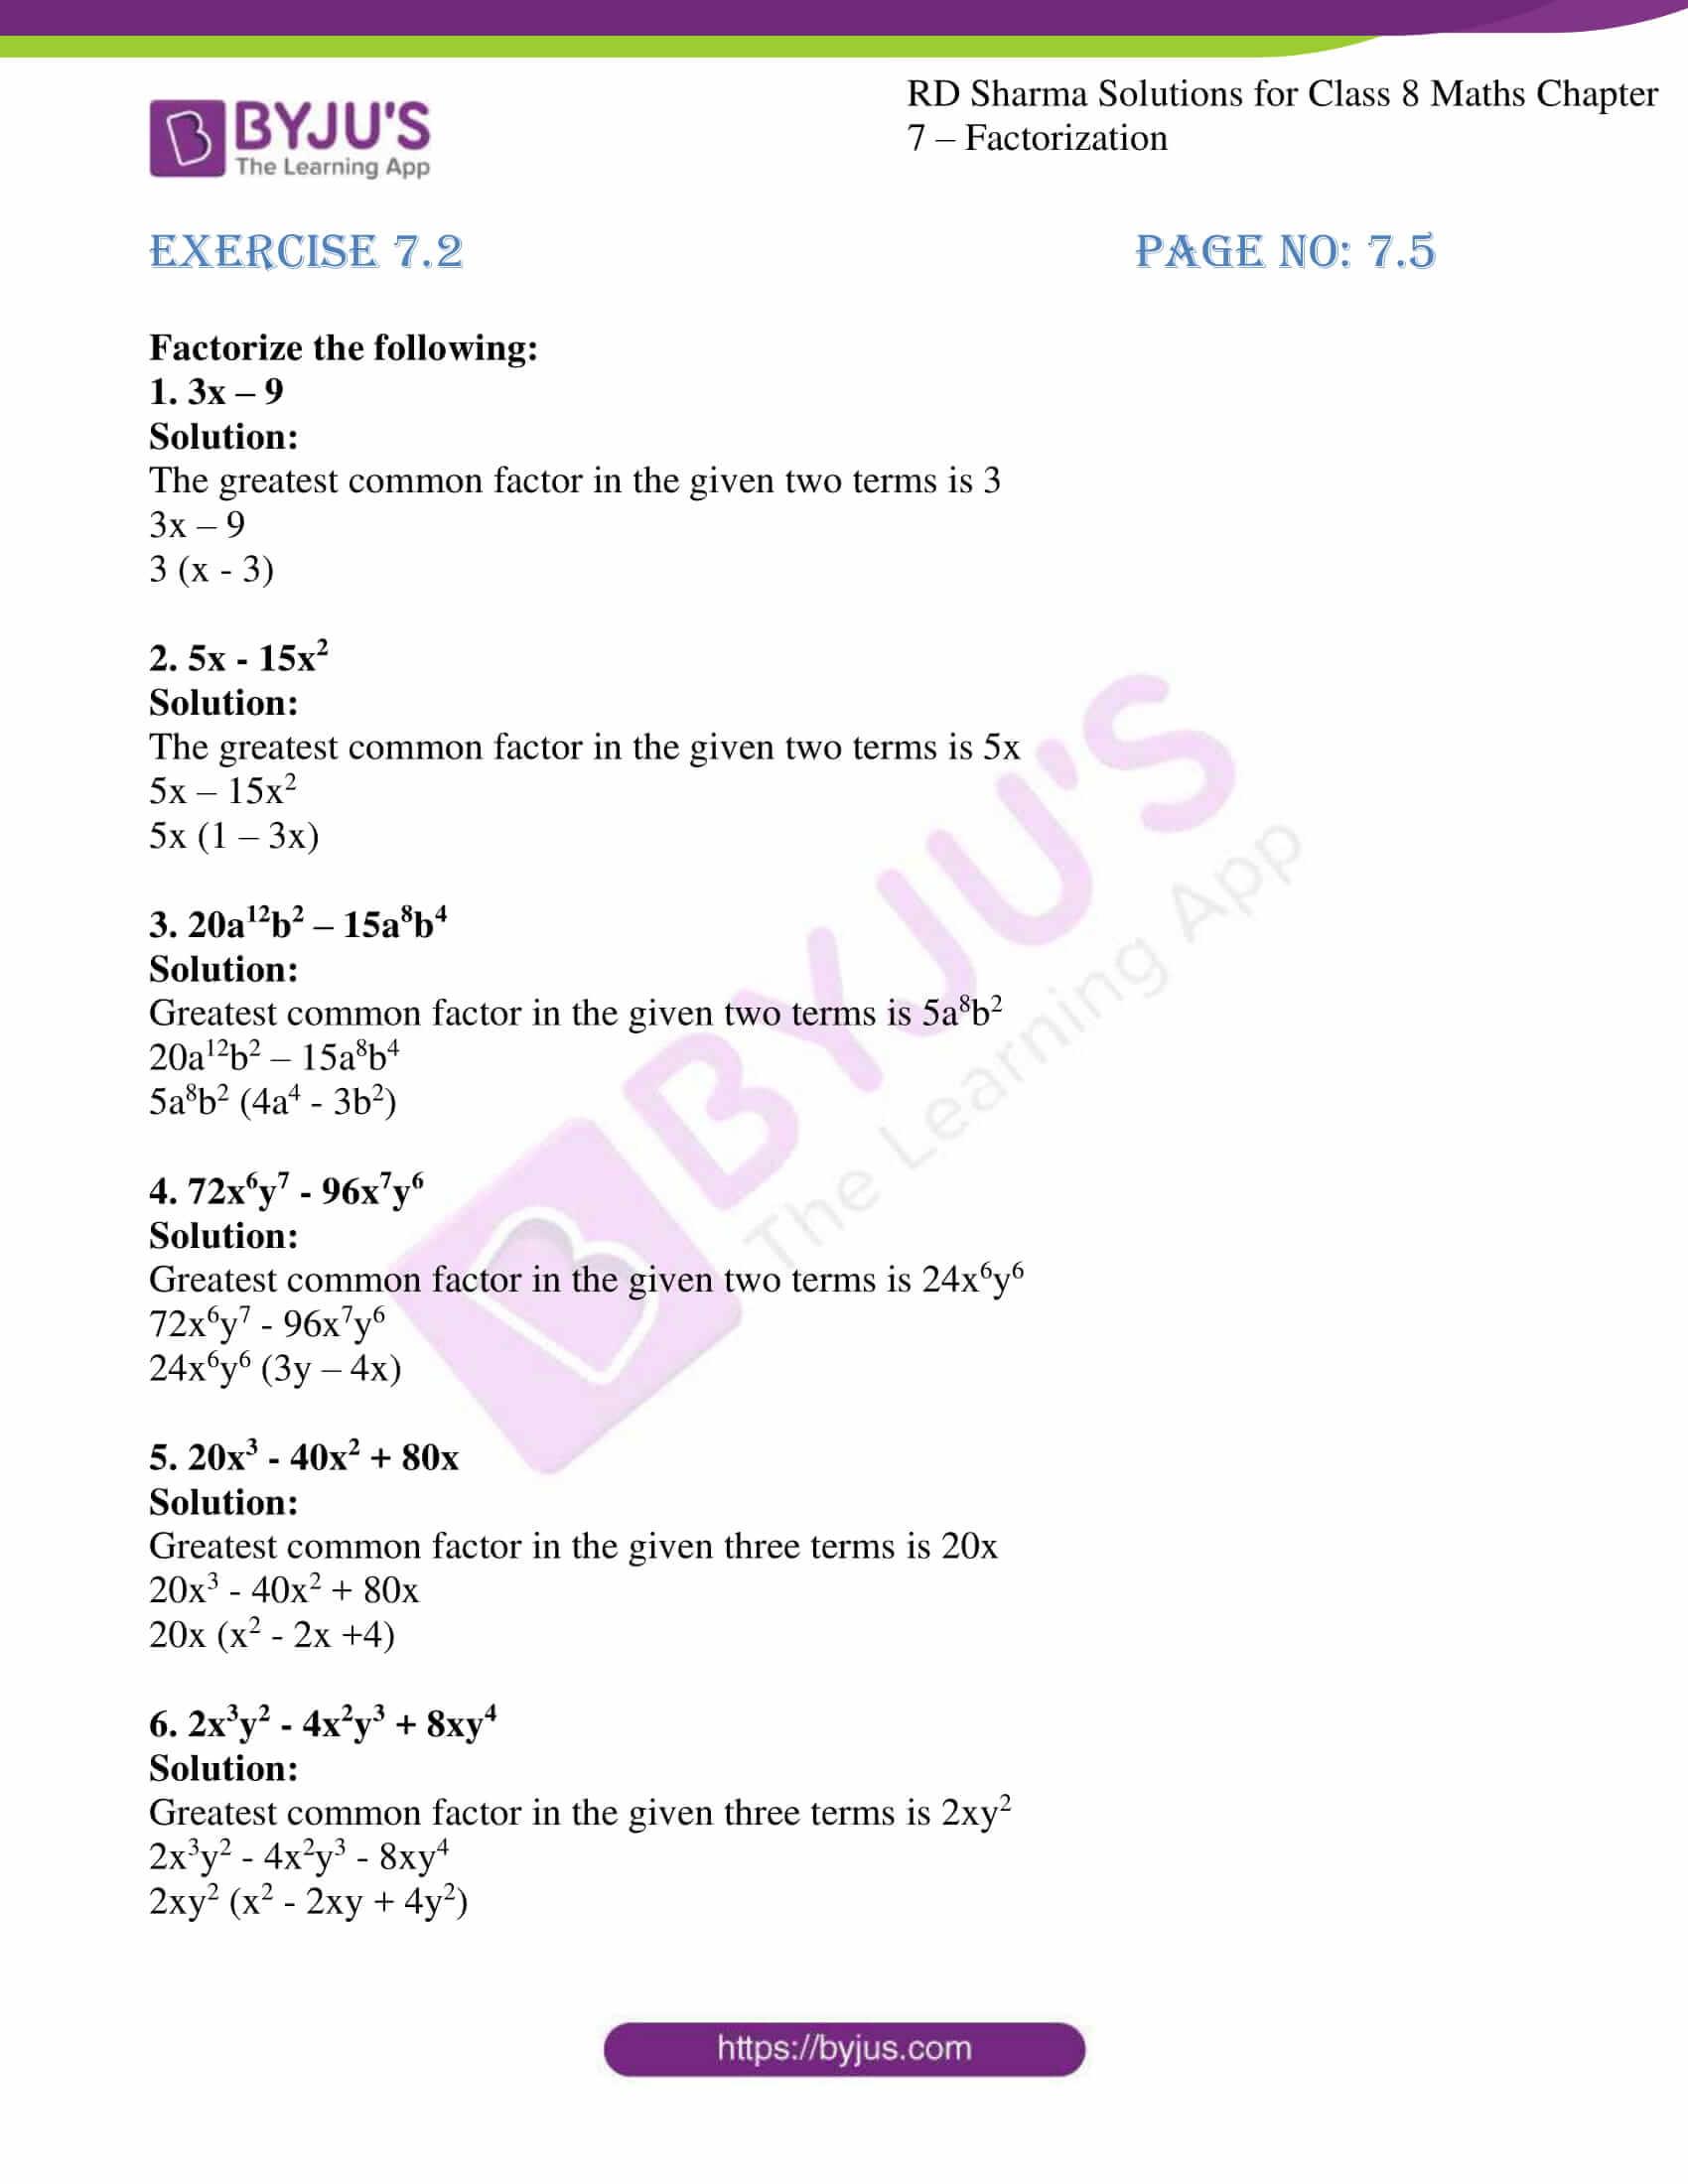 rd sharma class 8 maths chapter 7